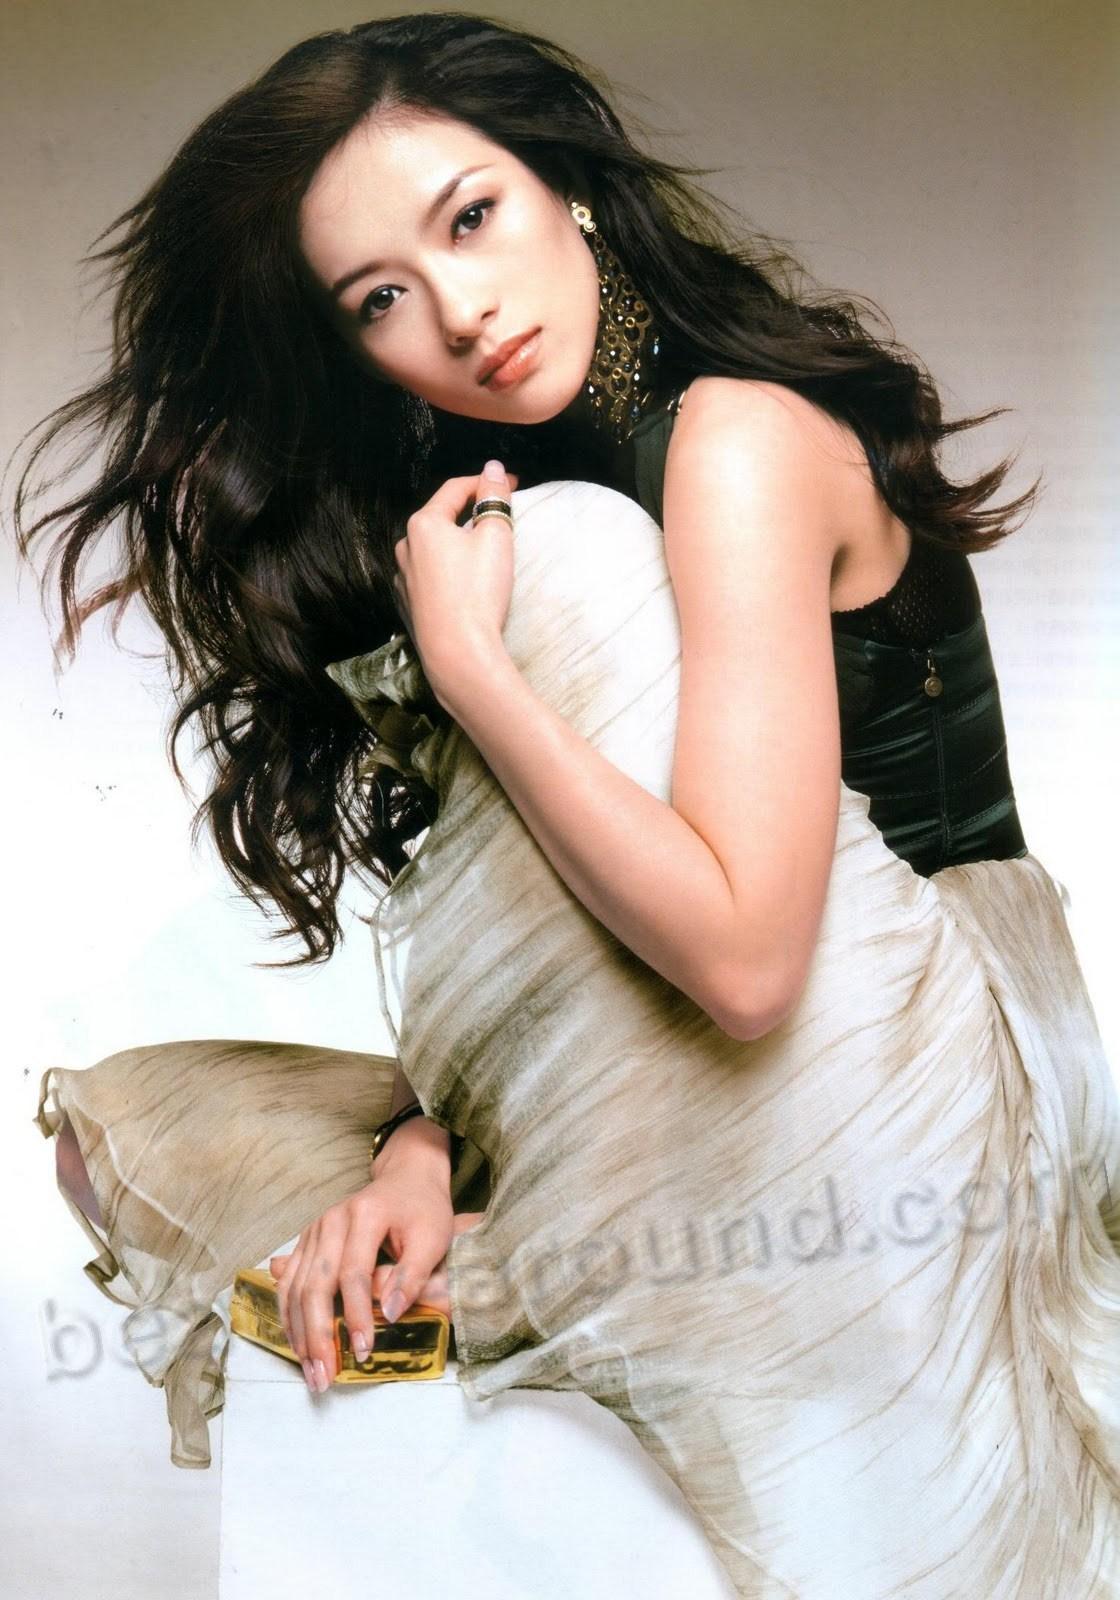 Чжан Цзыи / Zhang Ziyi самые красивые китайские актрисы фото